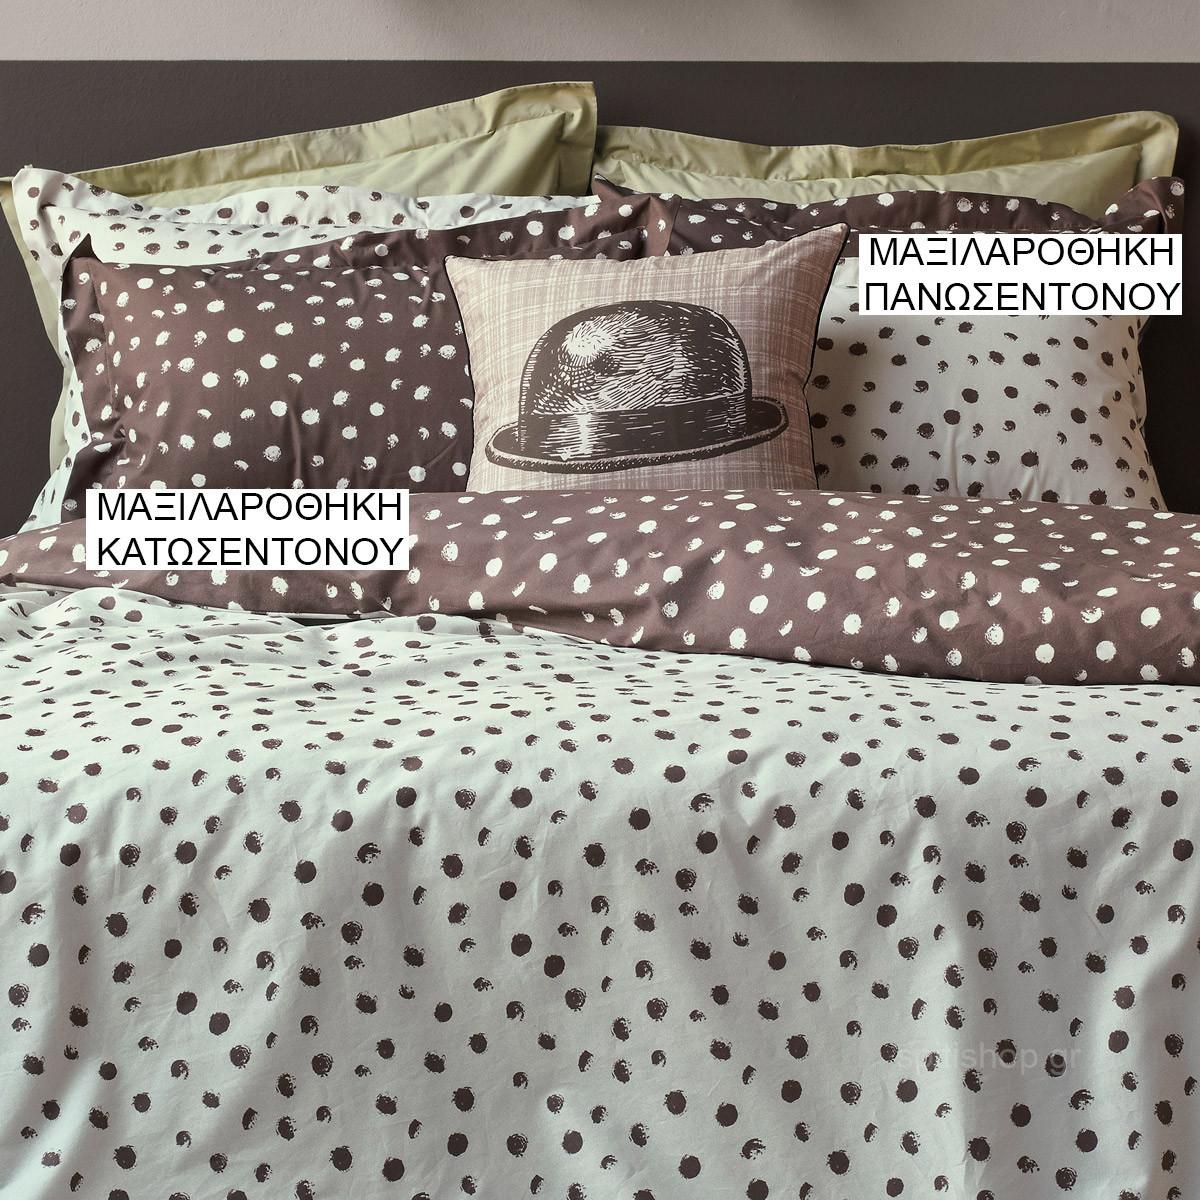 Ζεύγος Μαξιλαροθήκες Oxford Kentia Versus Flakes 10 home   κρεβατοκάμαρα   μαξιλάρια   μαξιλαροθήκες